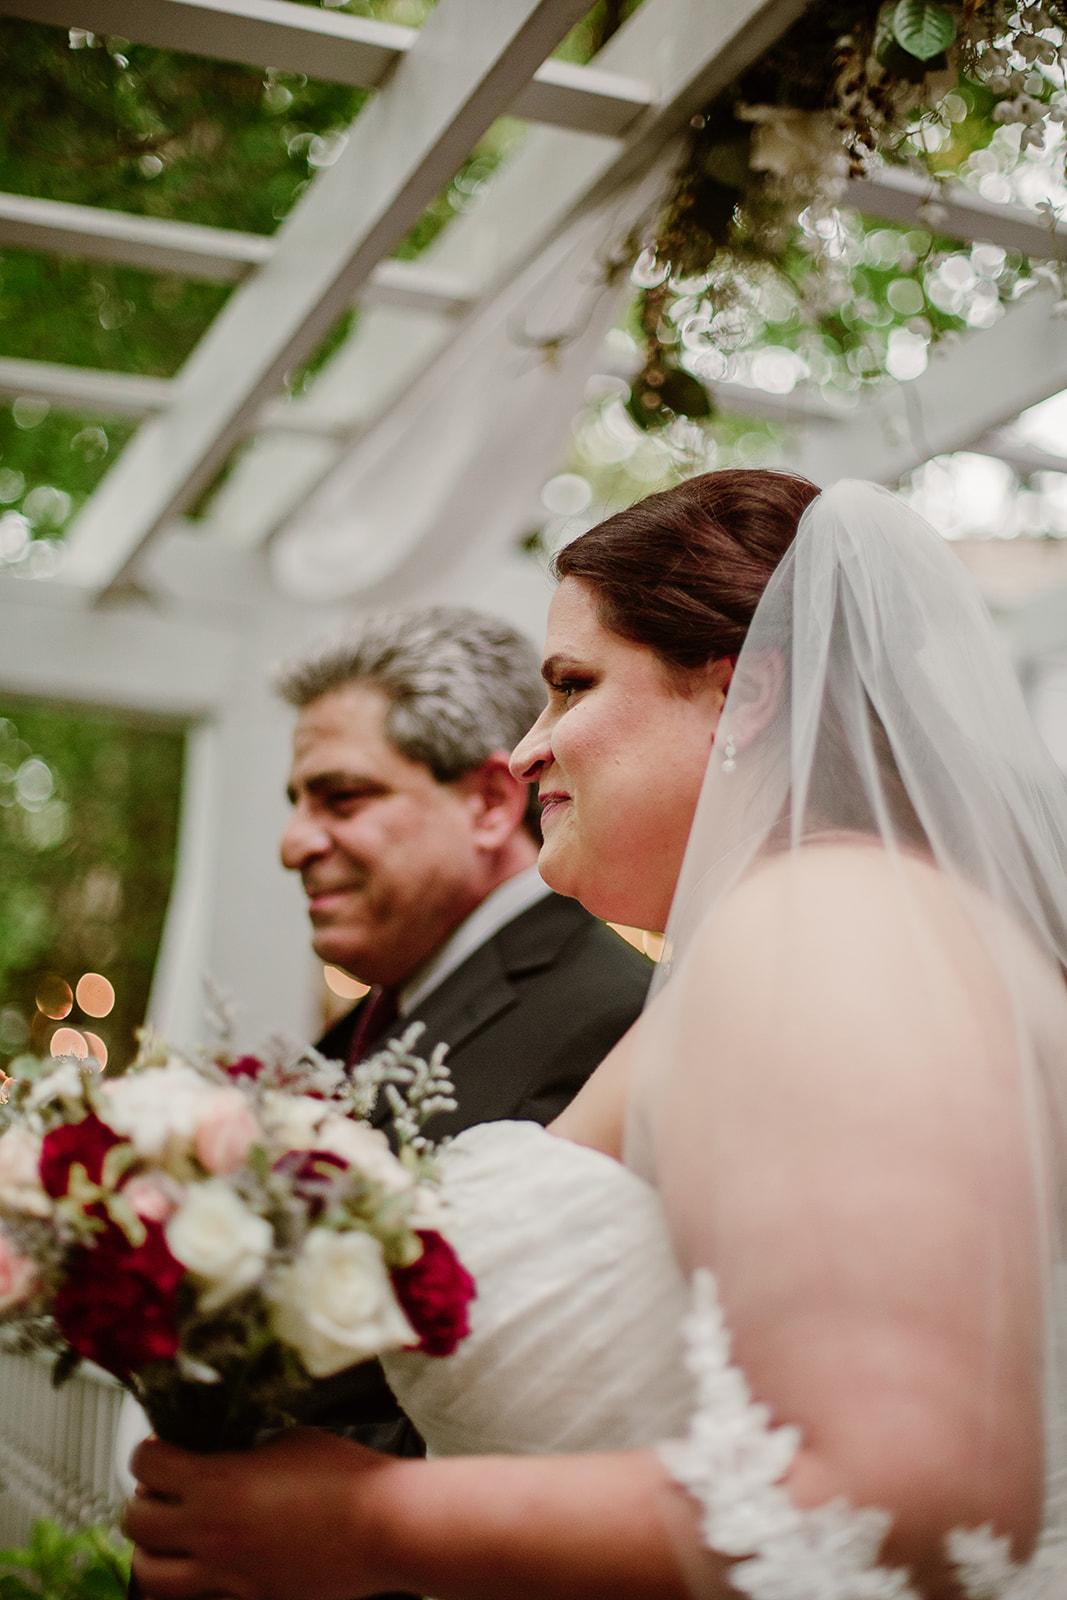 SarahMattozziPhotography-NicoleChris-GlenGardens-Ceremony-6.jpg